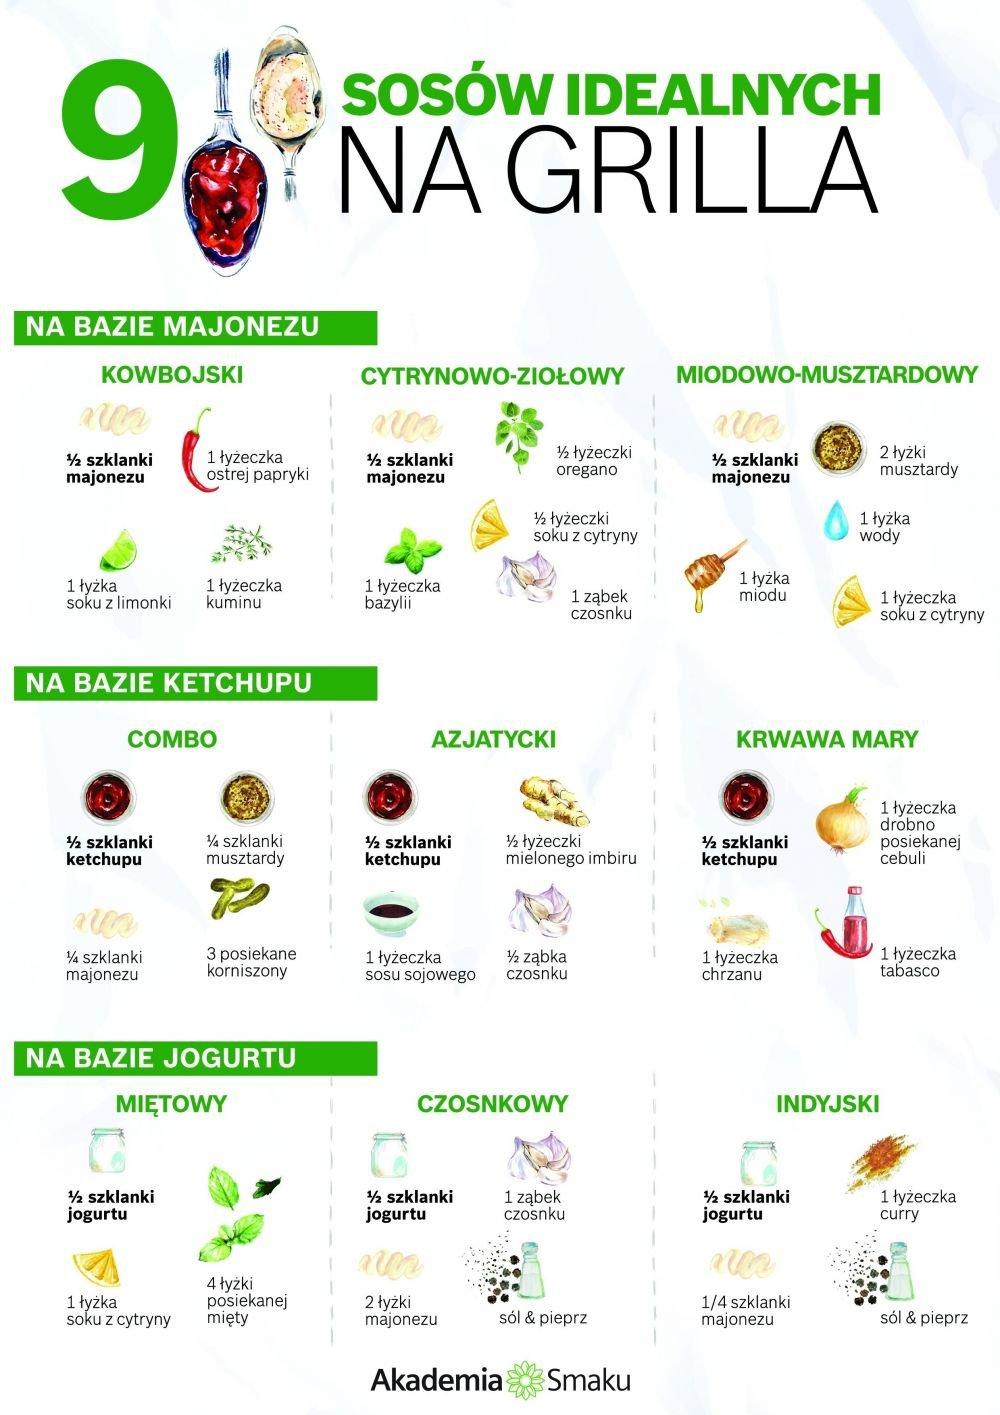 9 sosów idealnych do grilla - zdjęcie 1